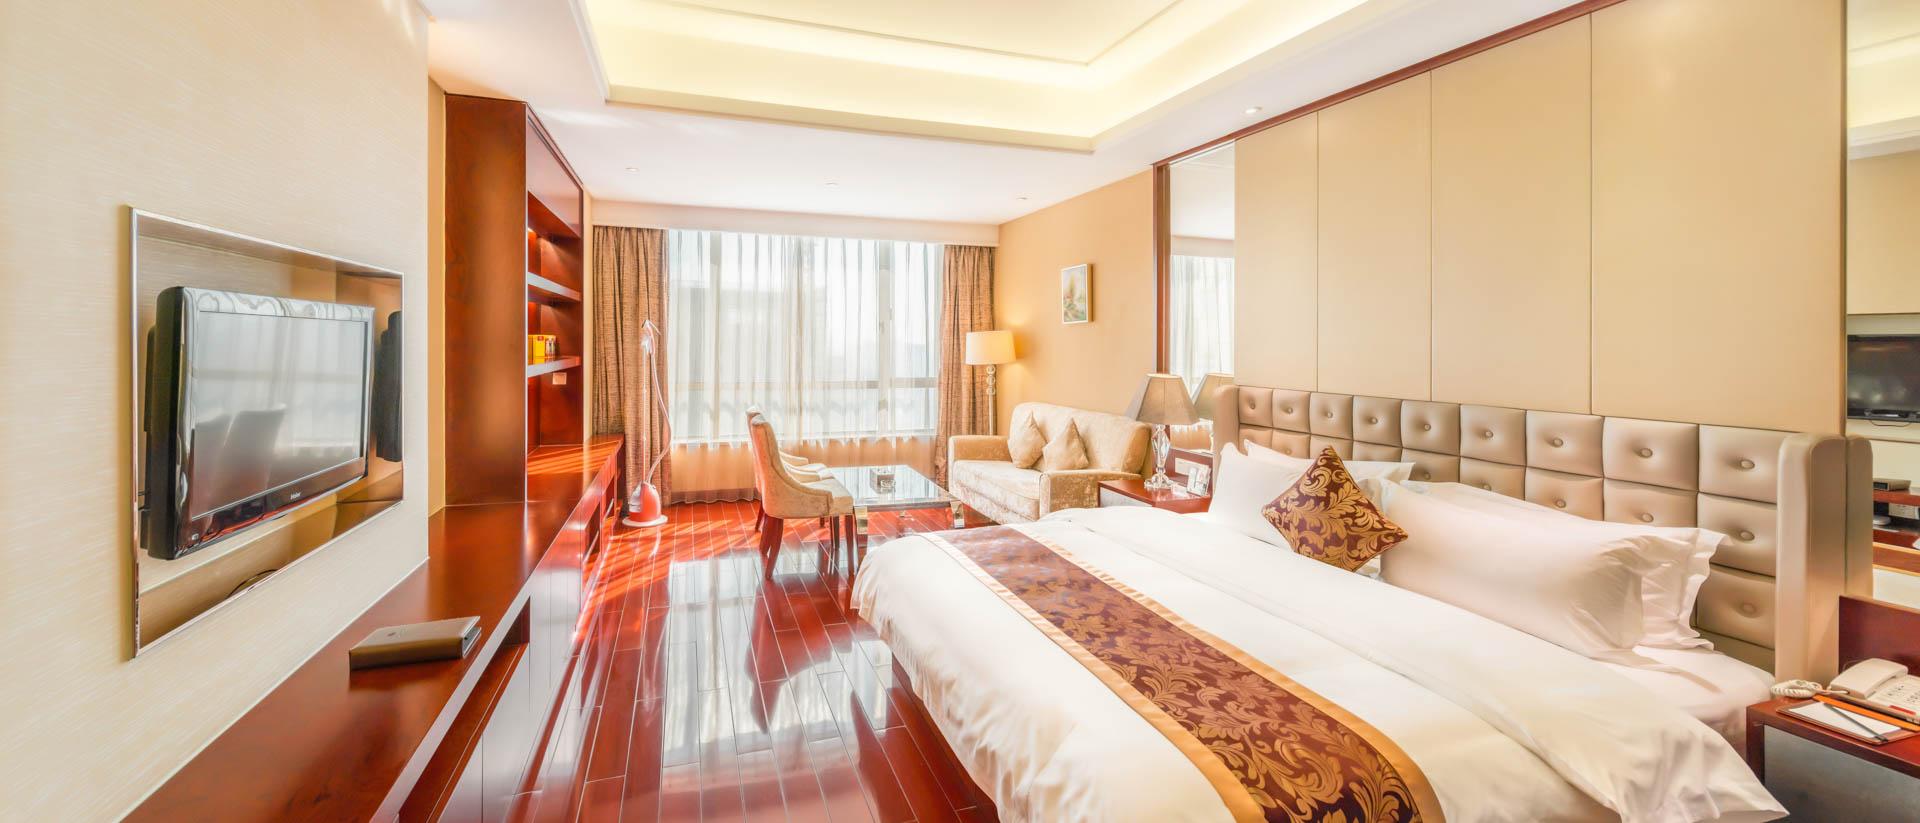 宁波阳光豪生大酒店